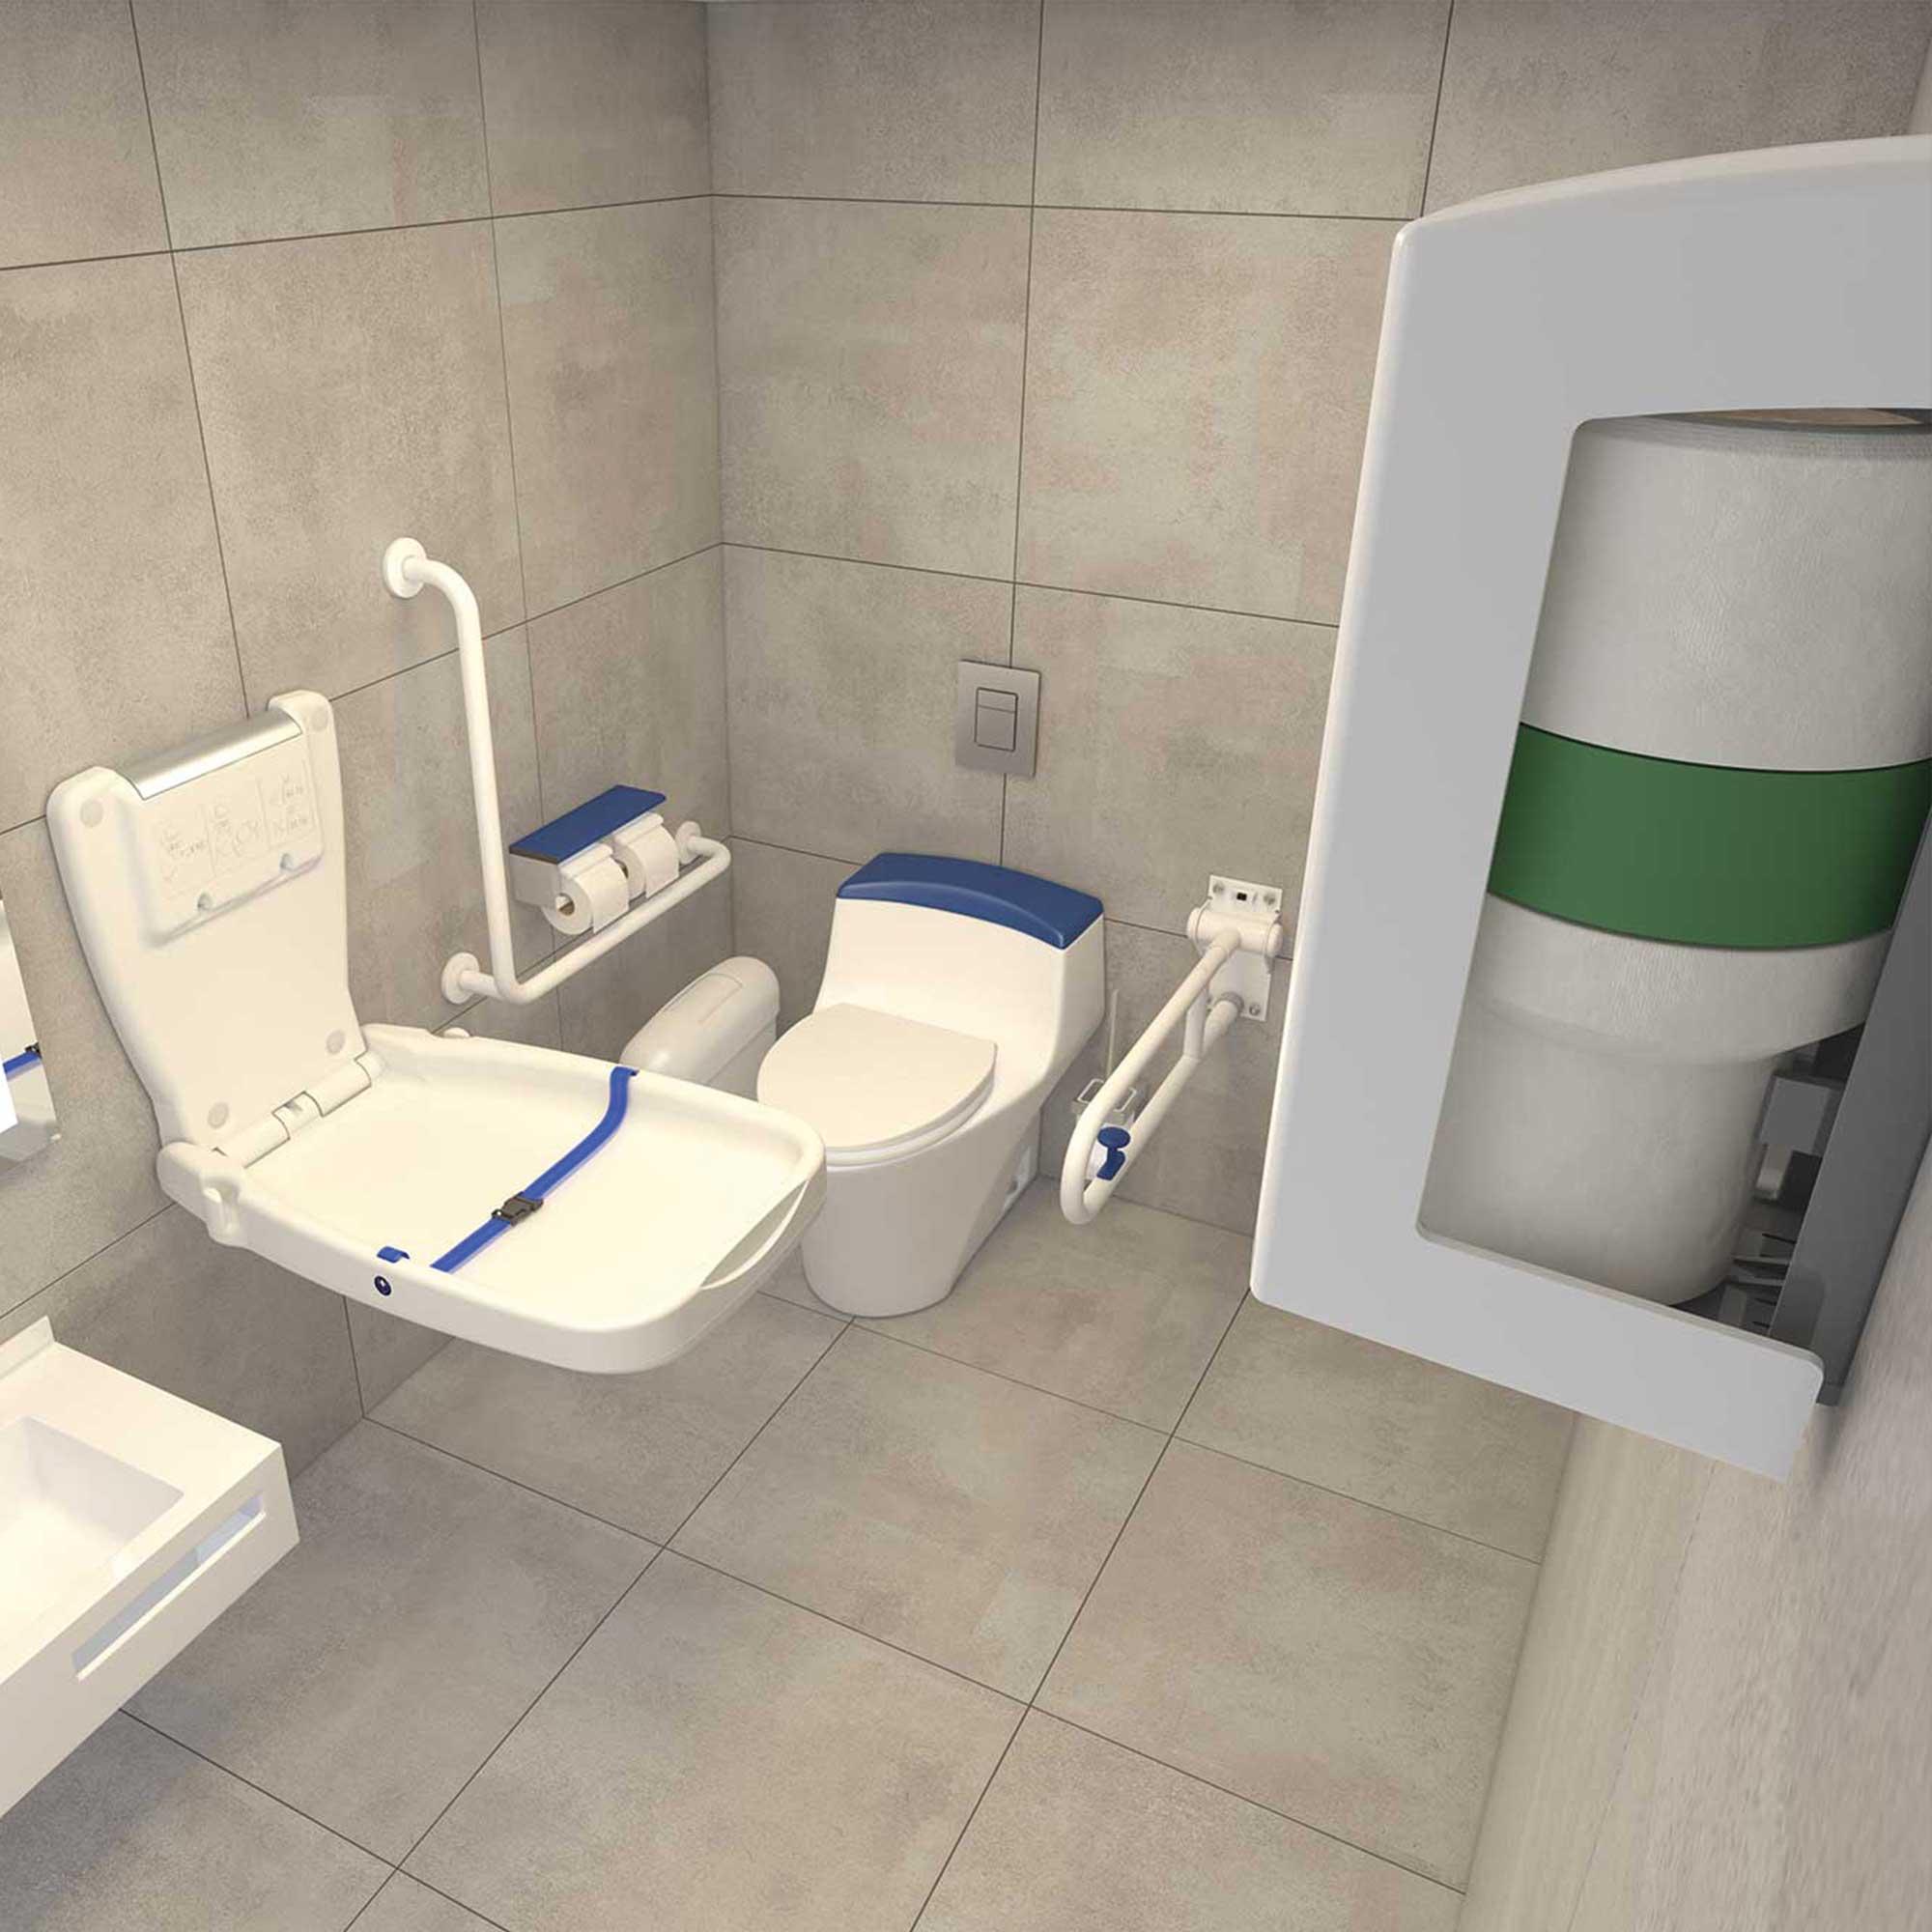 V-Air® SOLID MVP disabled restroom